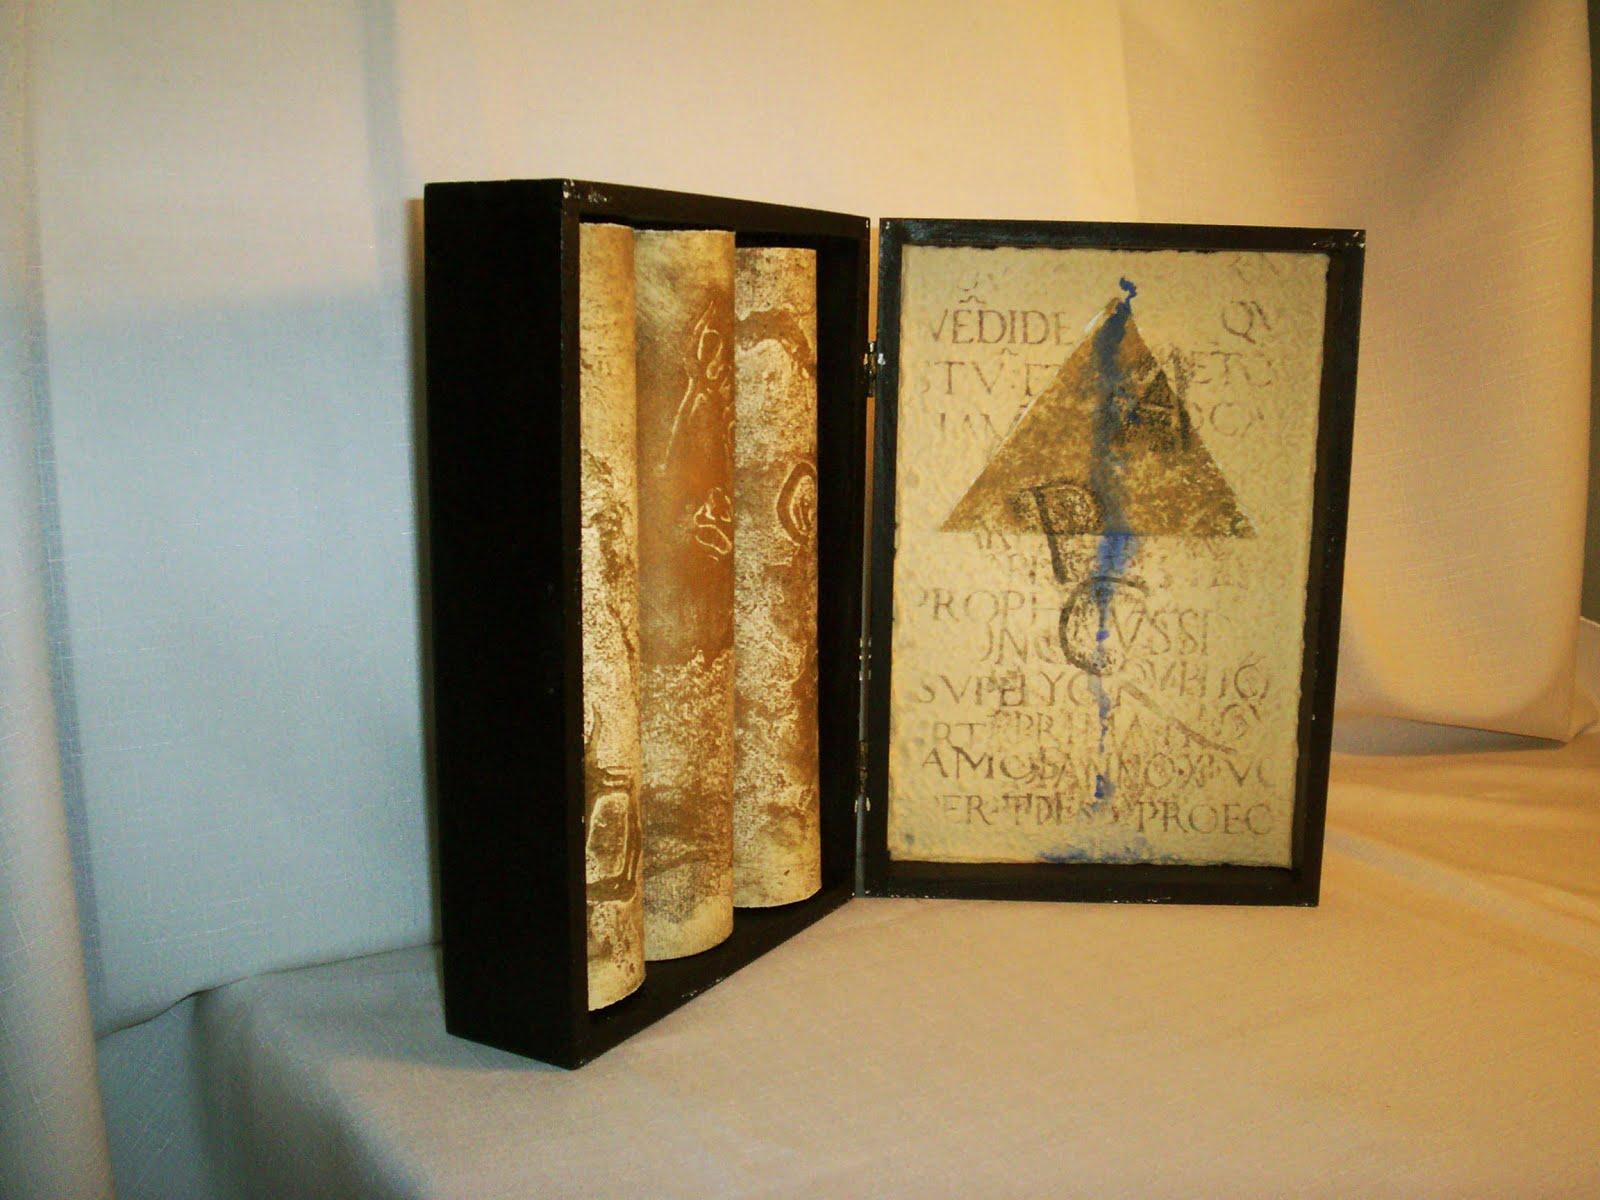 Encuadernación artística de un libro